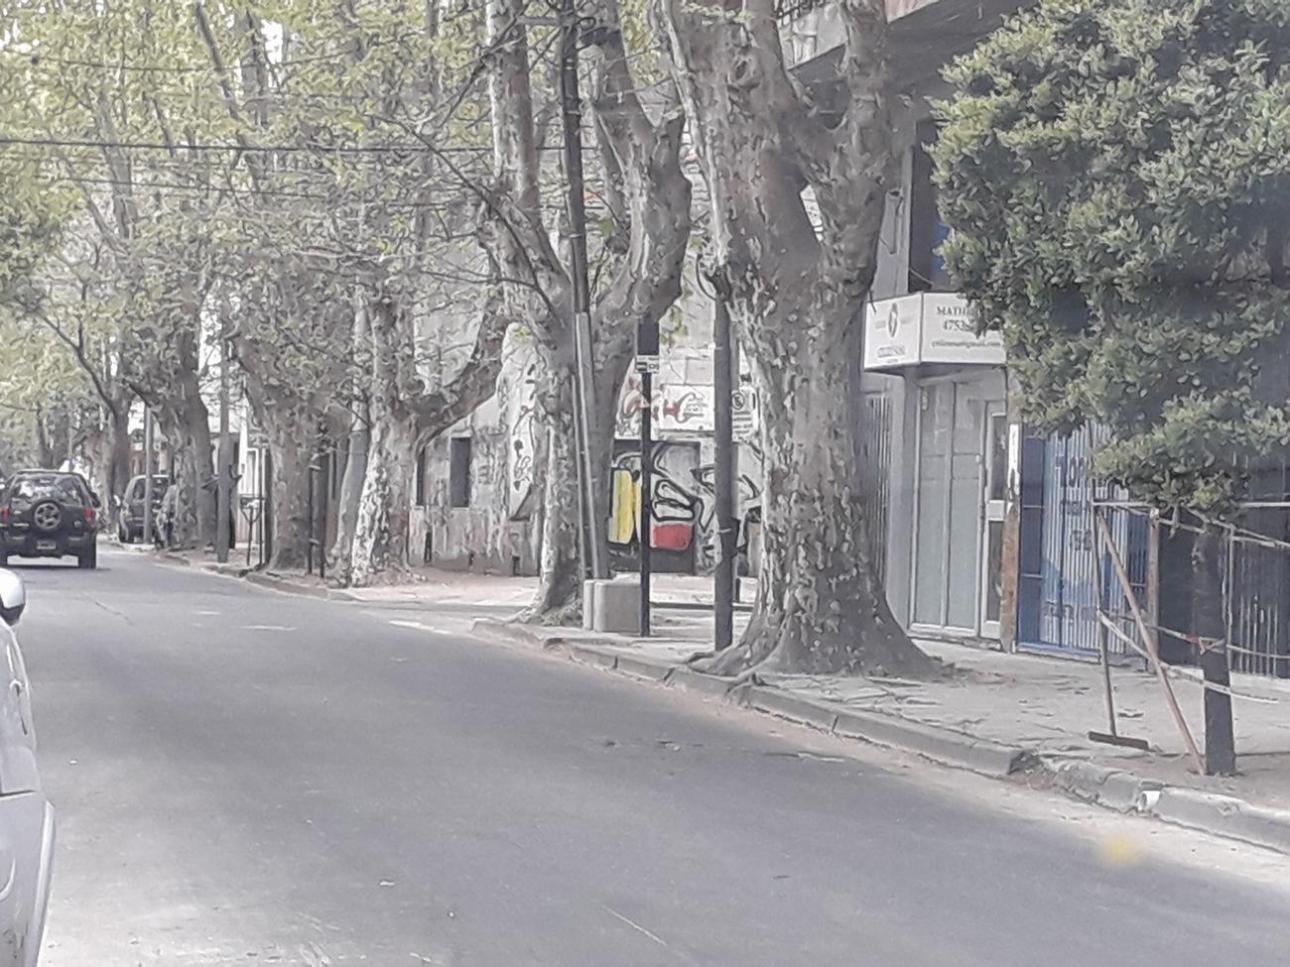 Venta de Lote Hasta 200 mts. en General San Martín San Martín (Centro)